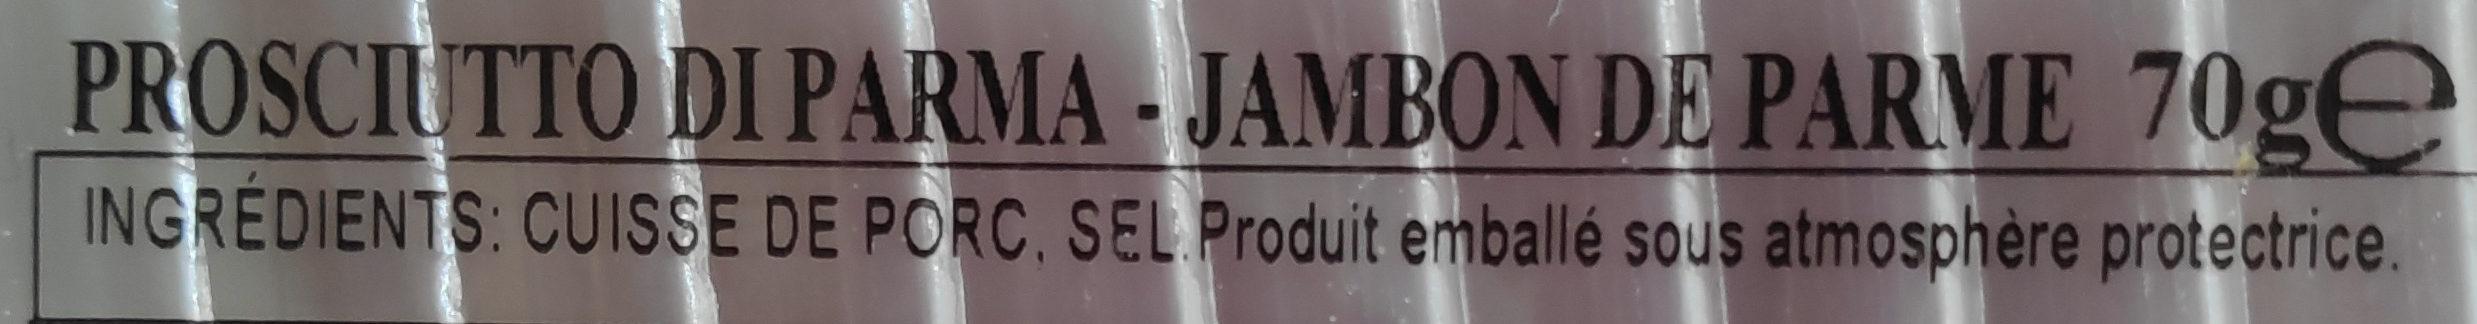 Jambon de parme Citterio - Ingredients